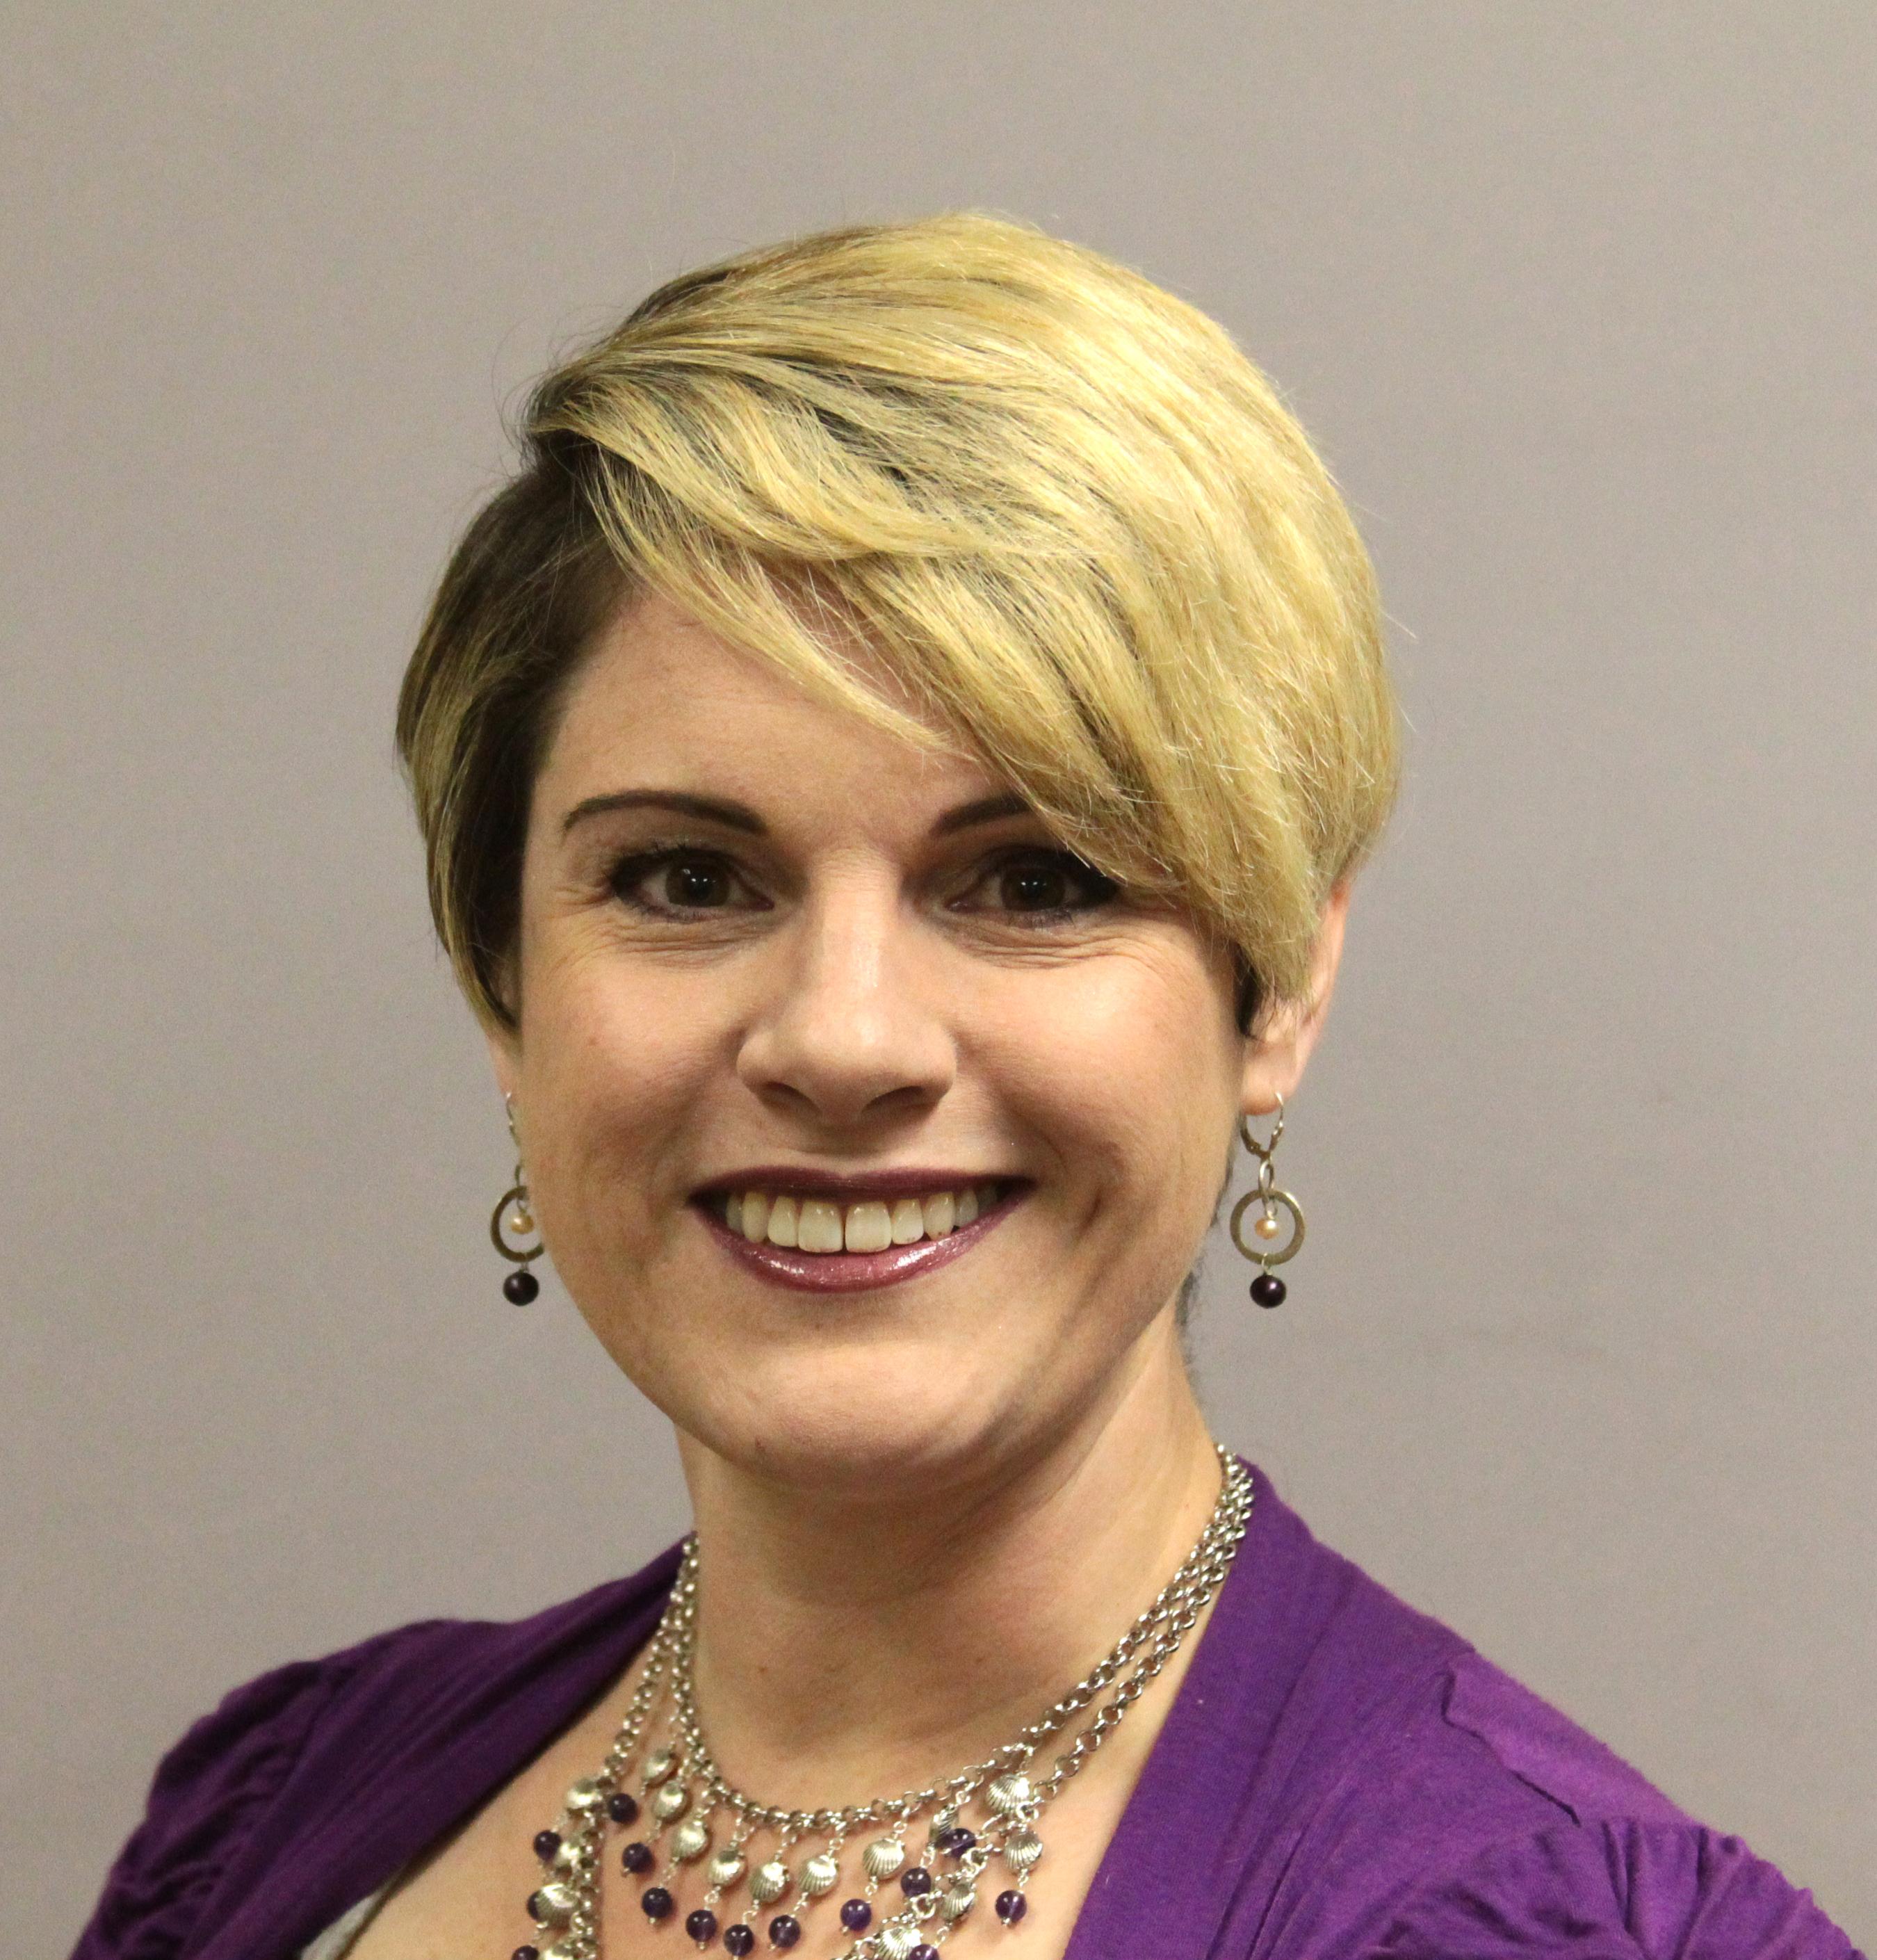 Carrie Winkler